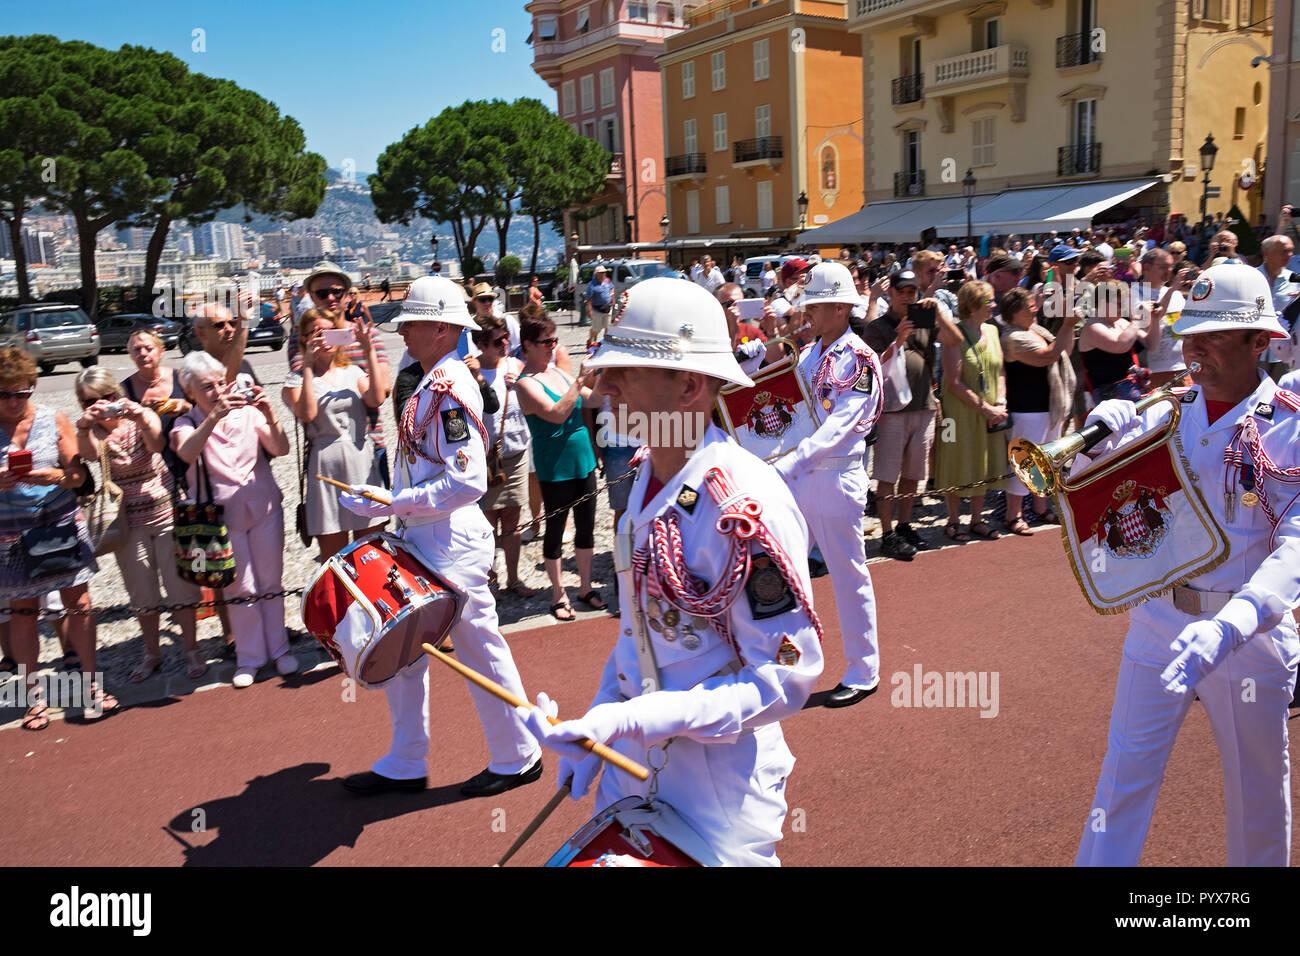 Die wachablösung am königlichen Palast in Monaco Stockbild